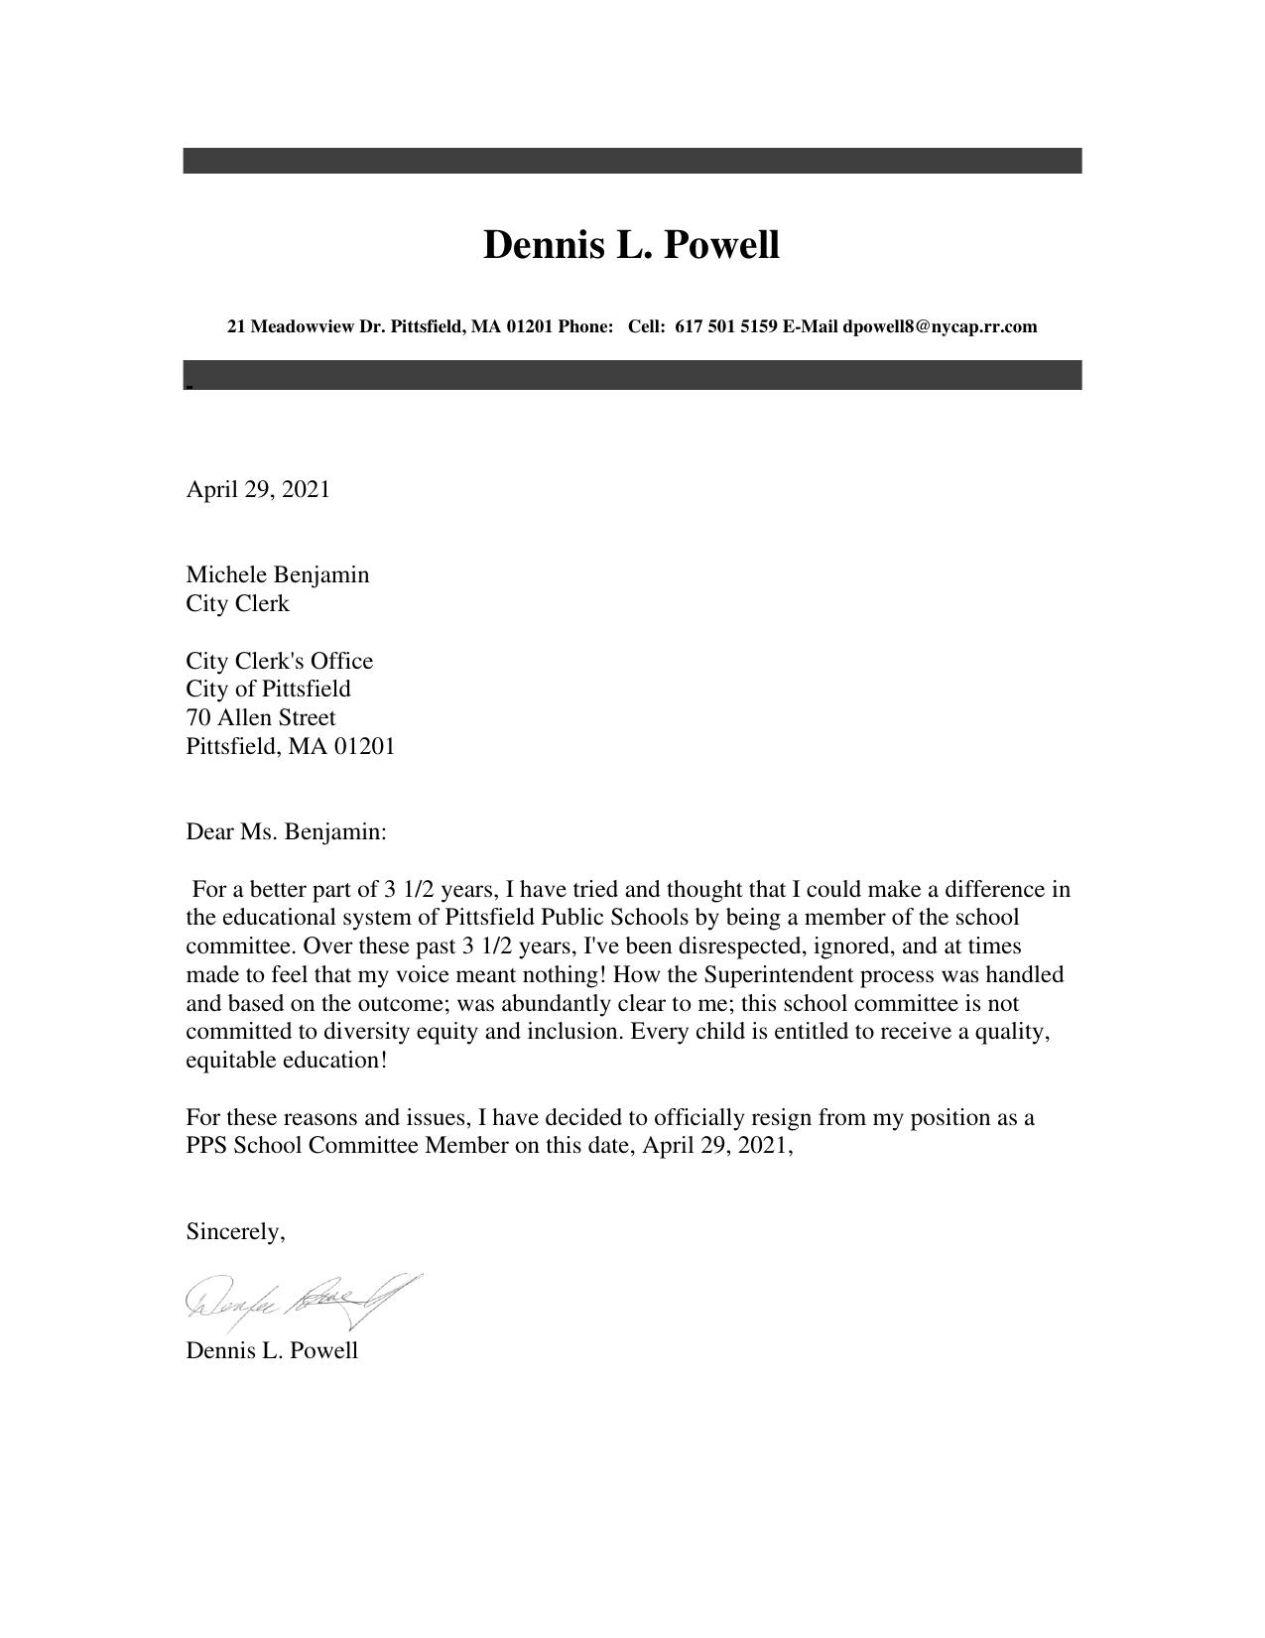 Dennis Powell resignation letter